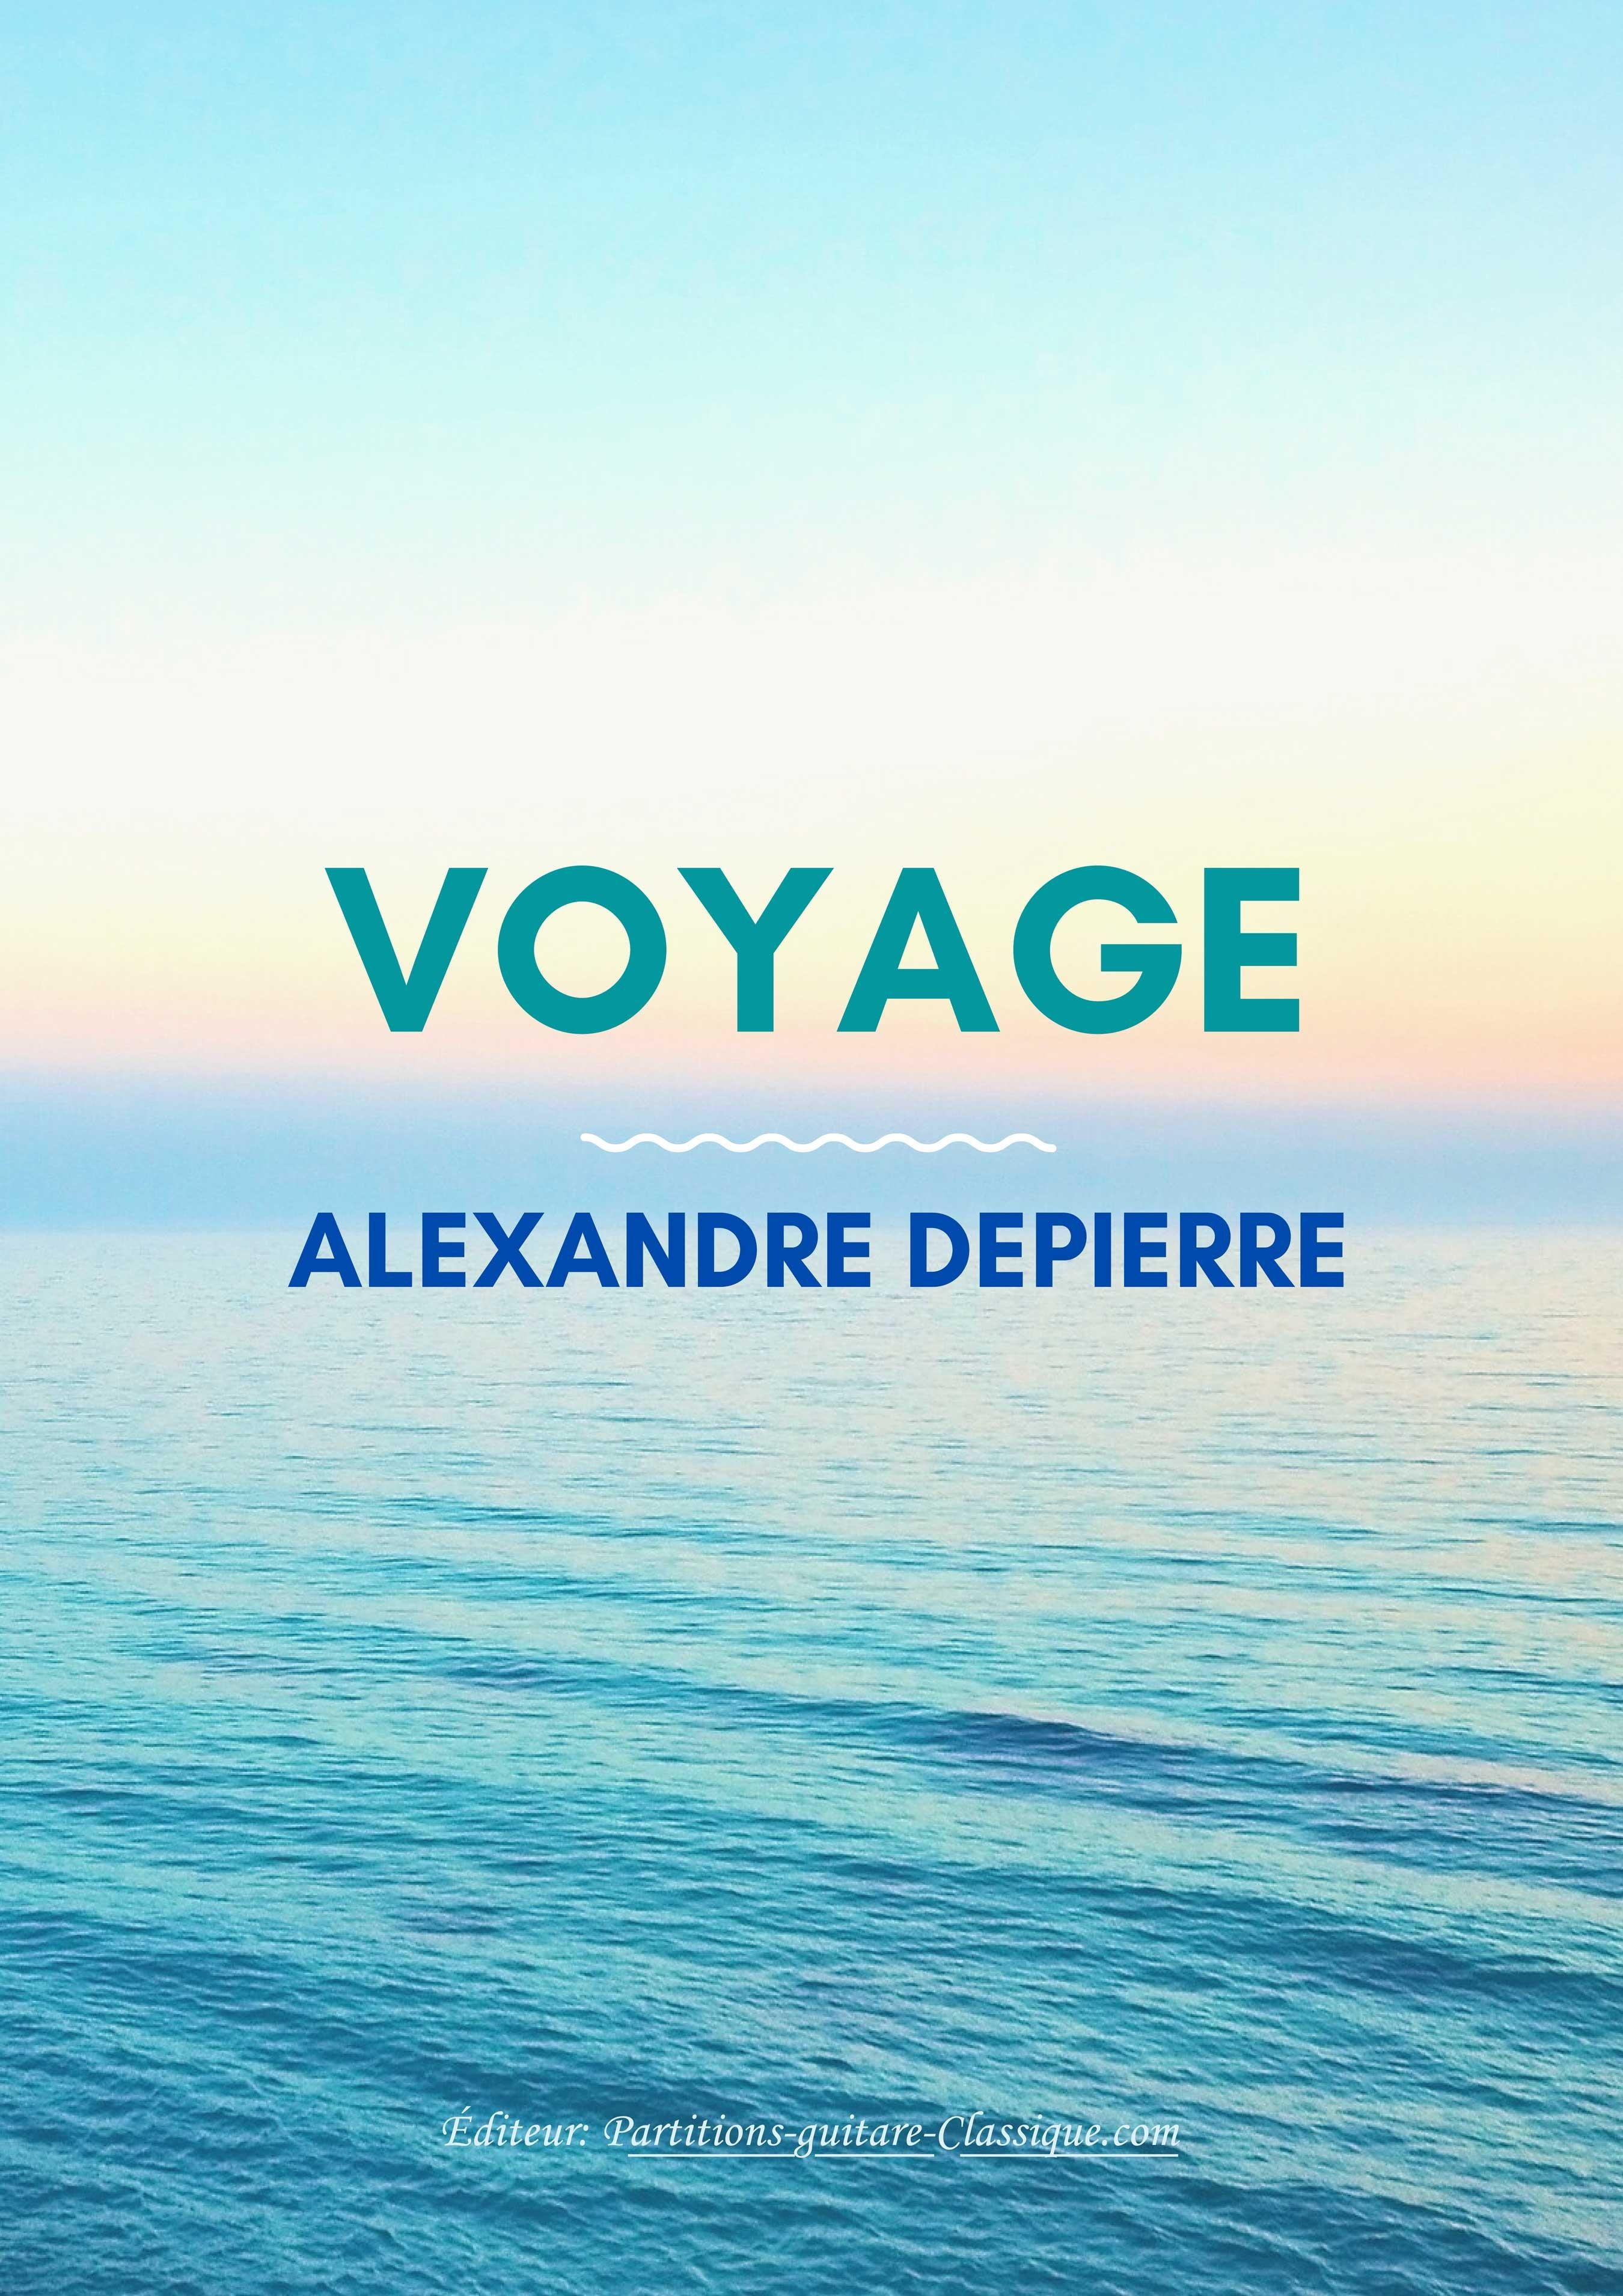 Recueil de 6 pièces pour guitare solo d'Alexandre Depierre.